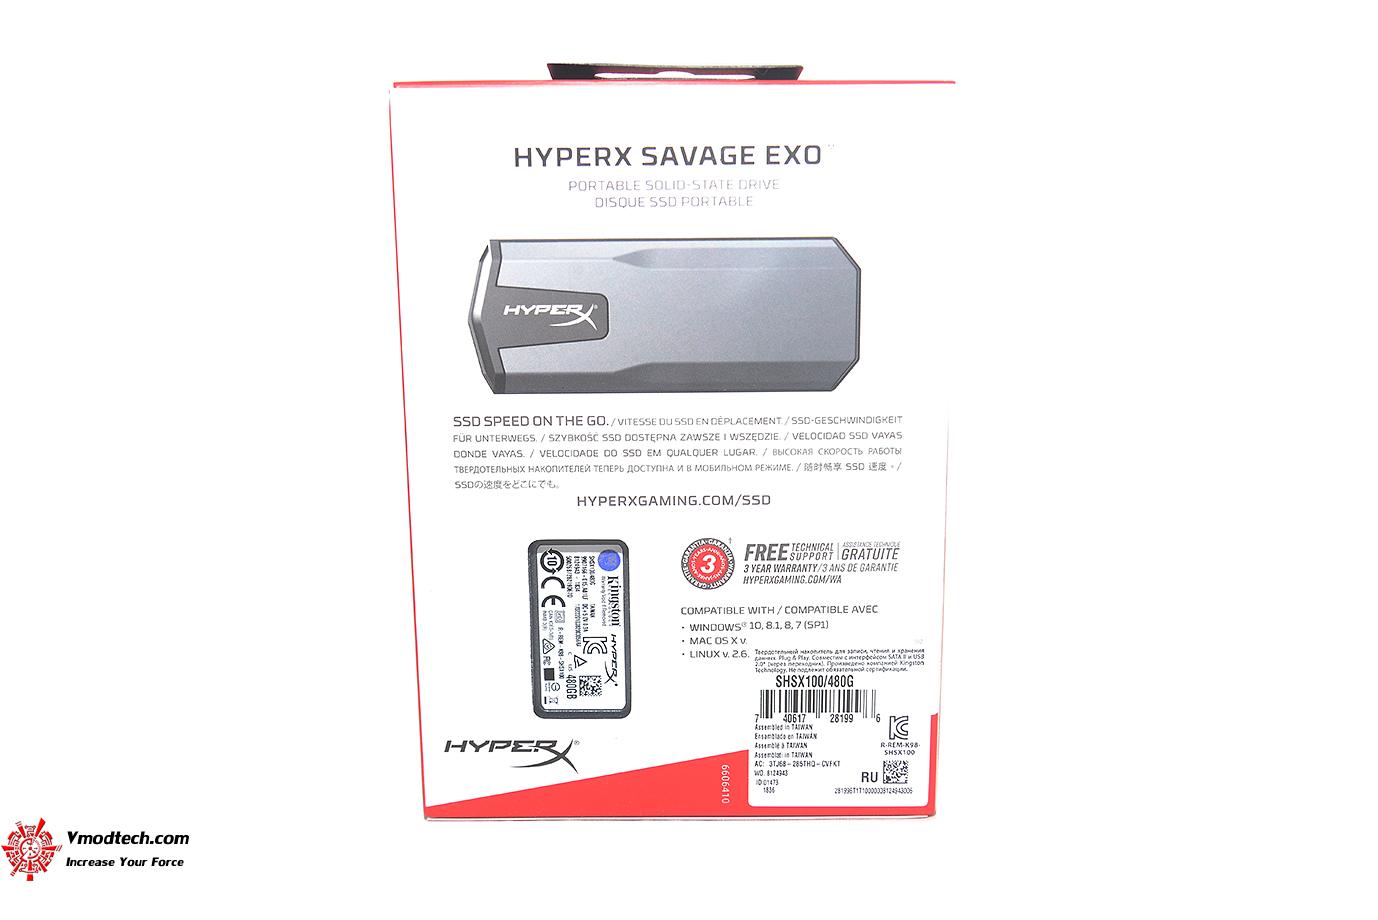 dsc 4466 HyperX SAVAGE EXO Portable SSD 480GB Review